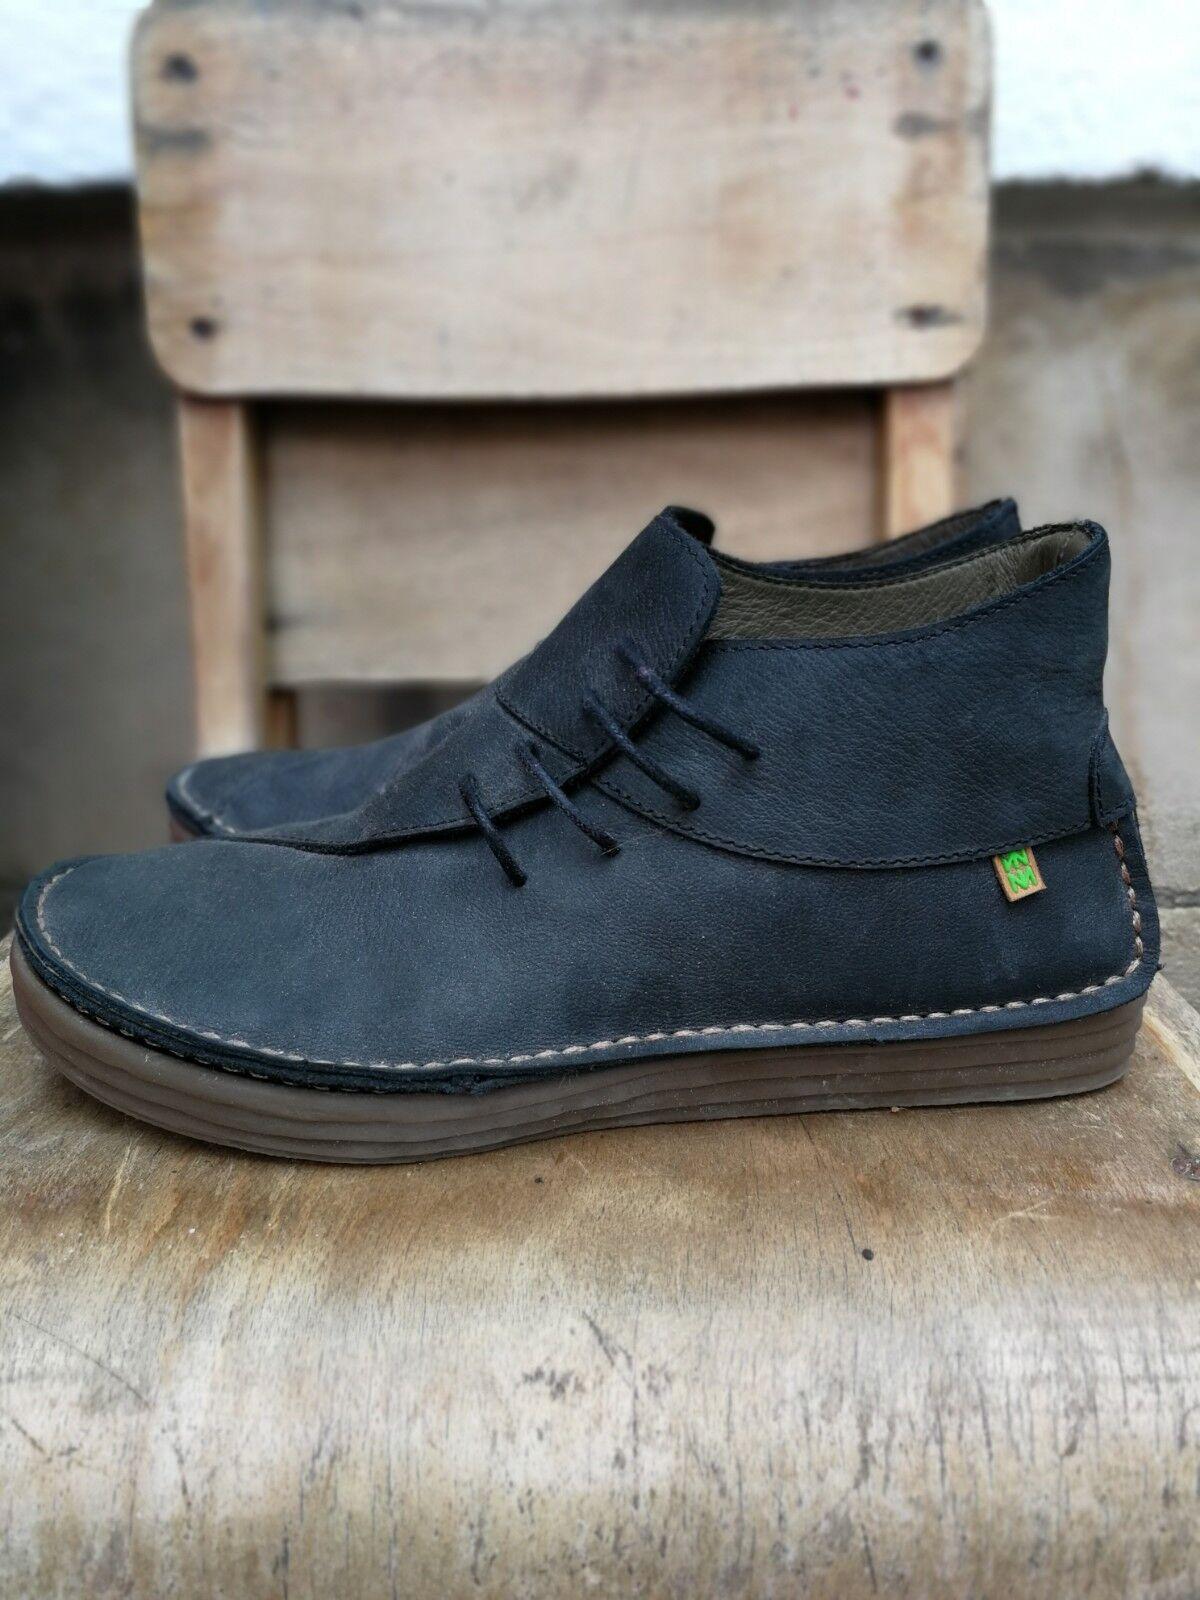 El Naturalista ankle boots in soft Leder, Leder lined, worn once sz 40/6